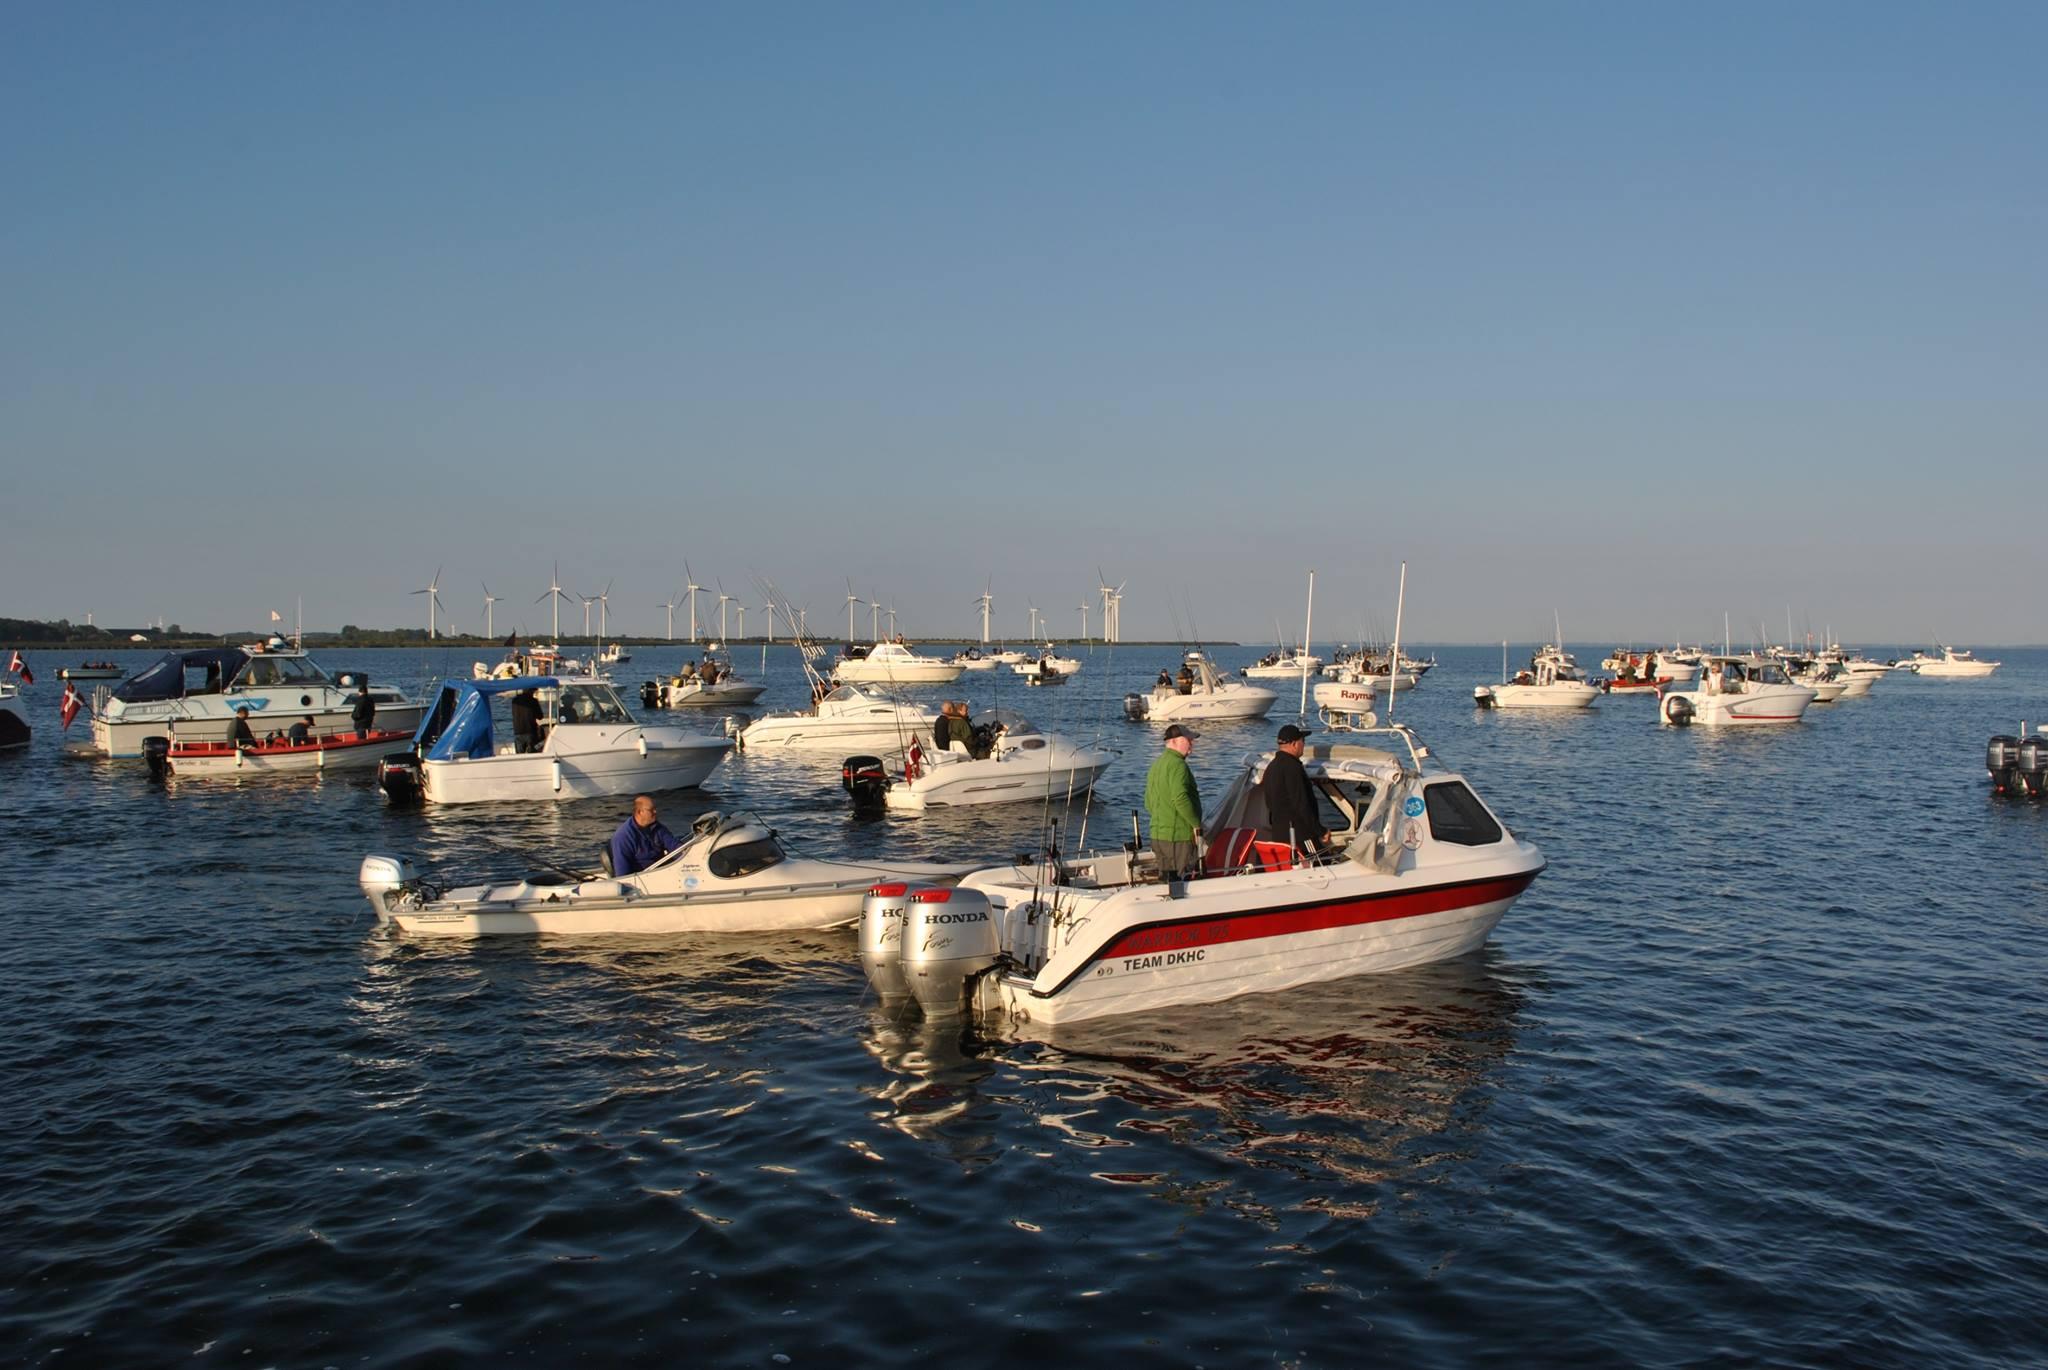 Det er 8. gang der afholdes DM i fladfisk. Foto: Peter Dan Petersen